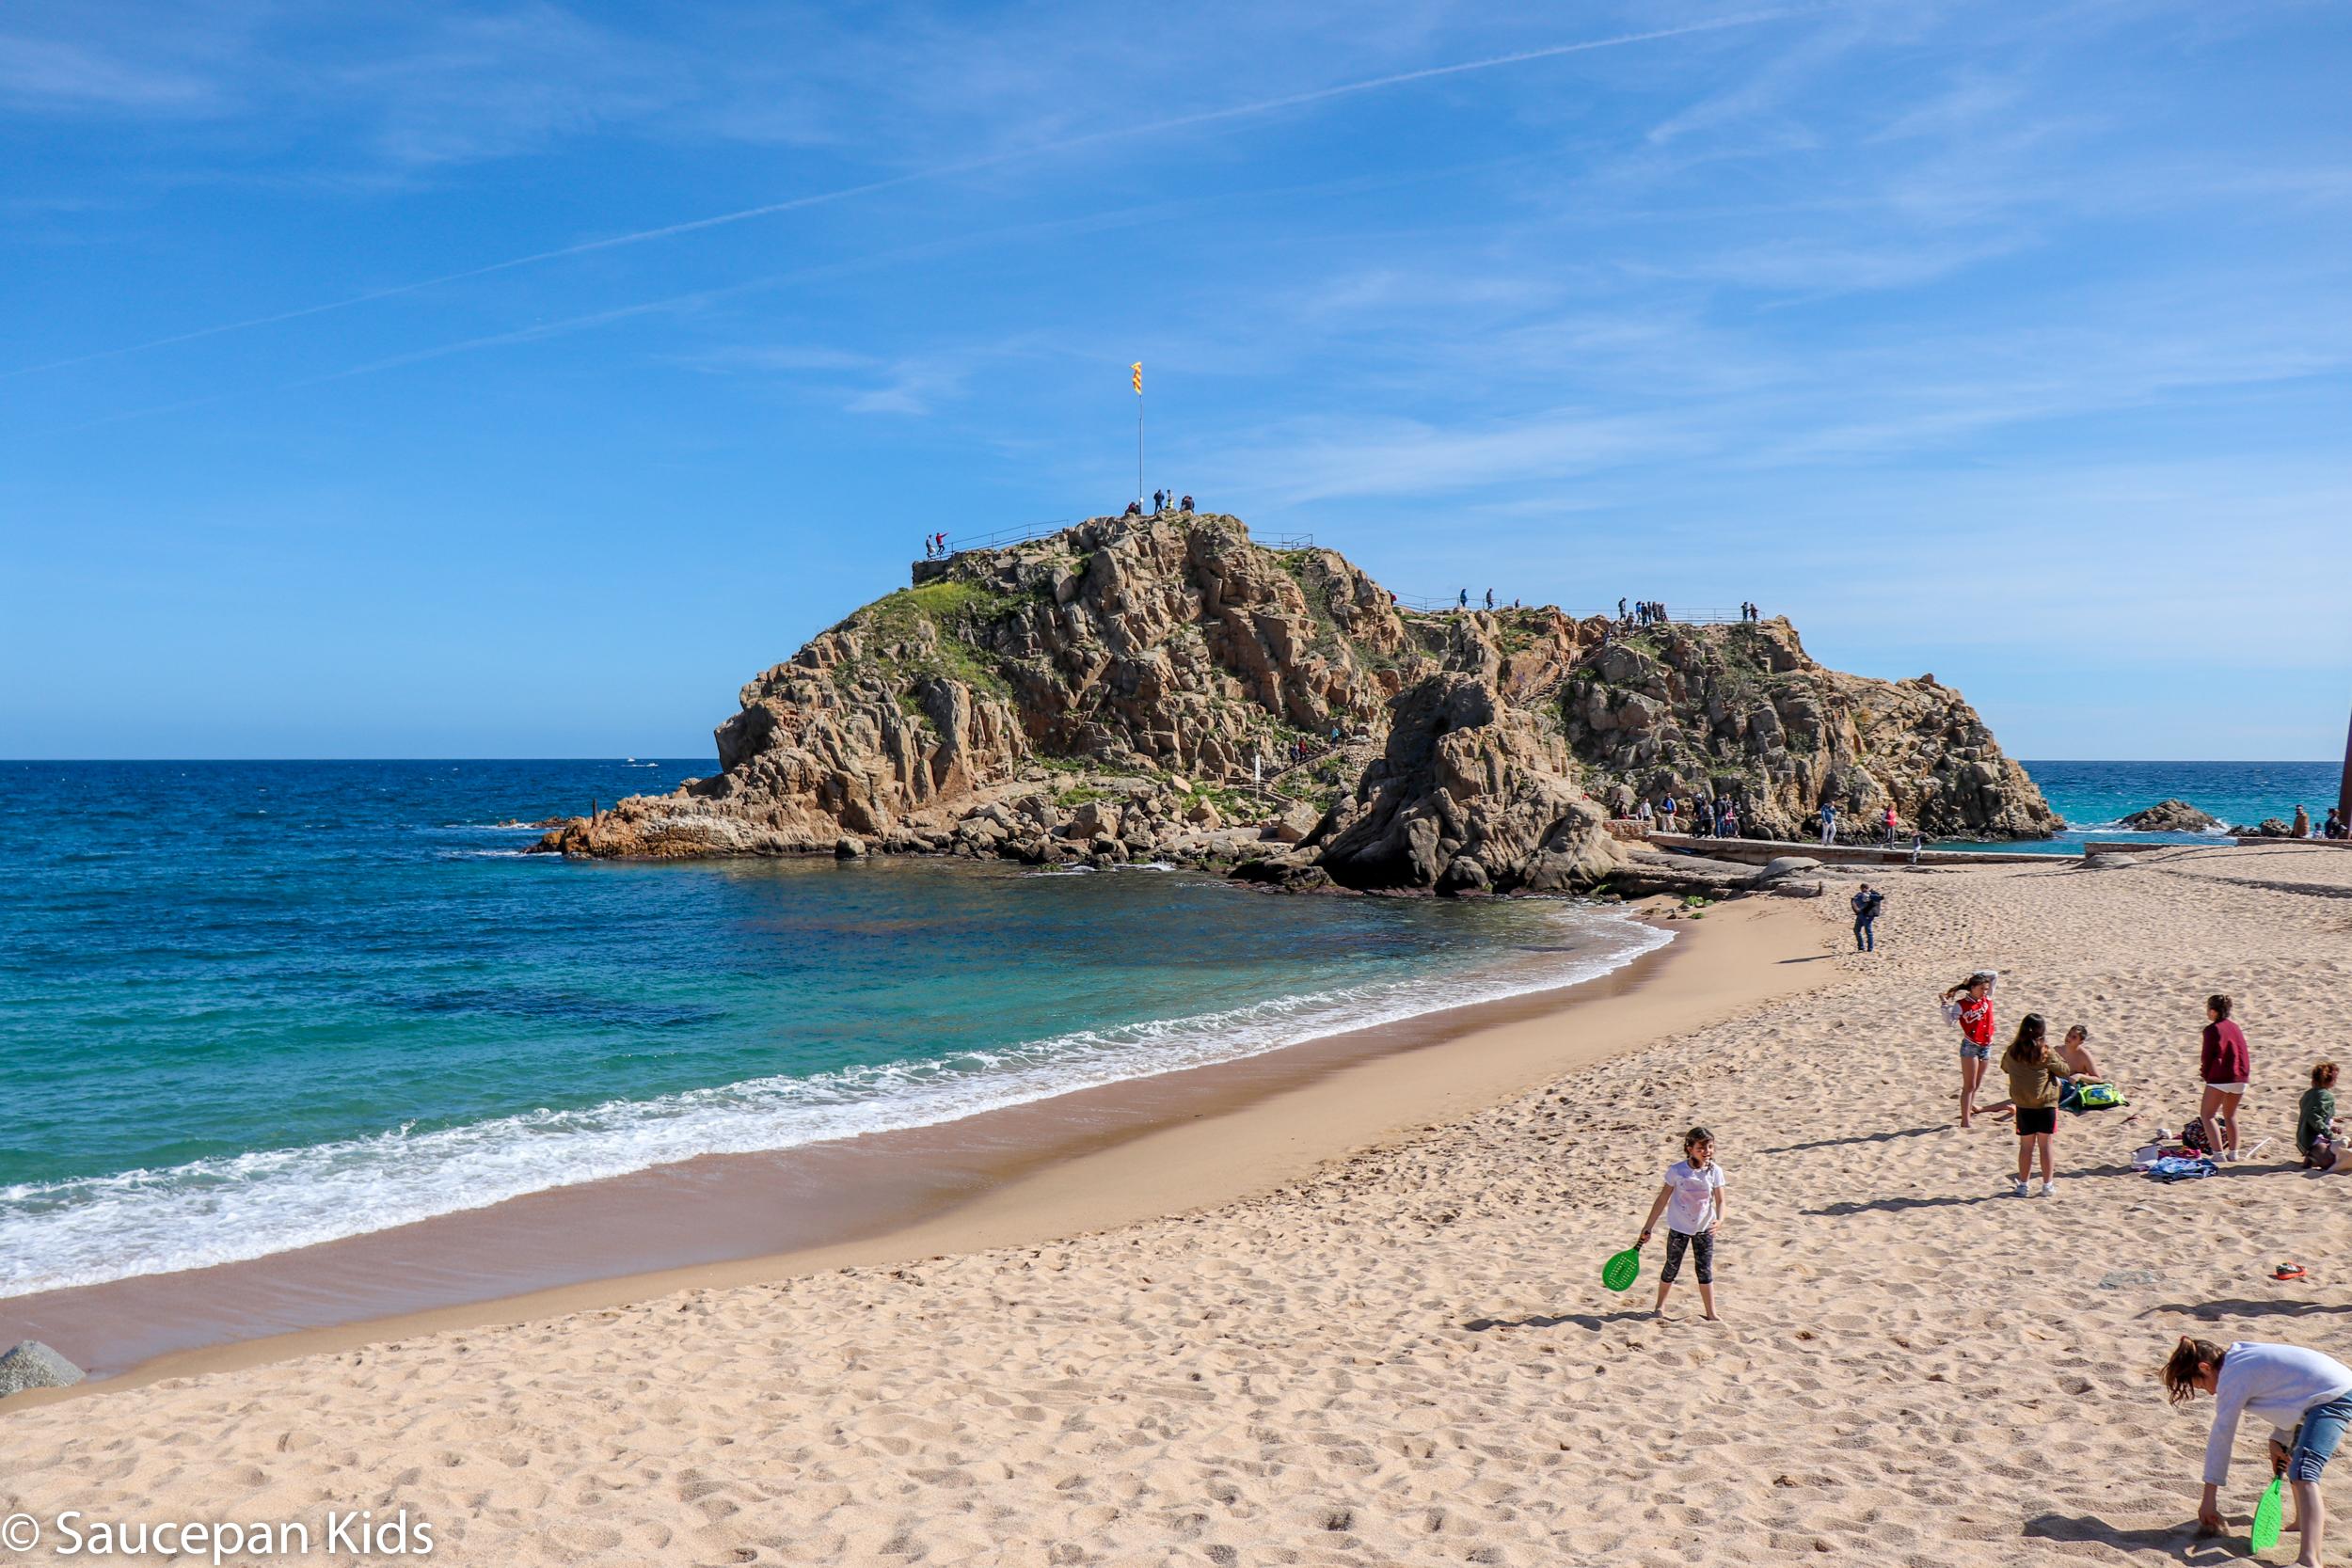 السياحة فى اسبانيا للعوائل